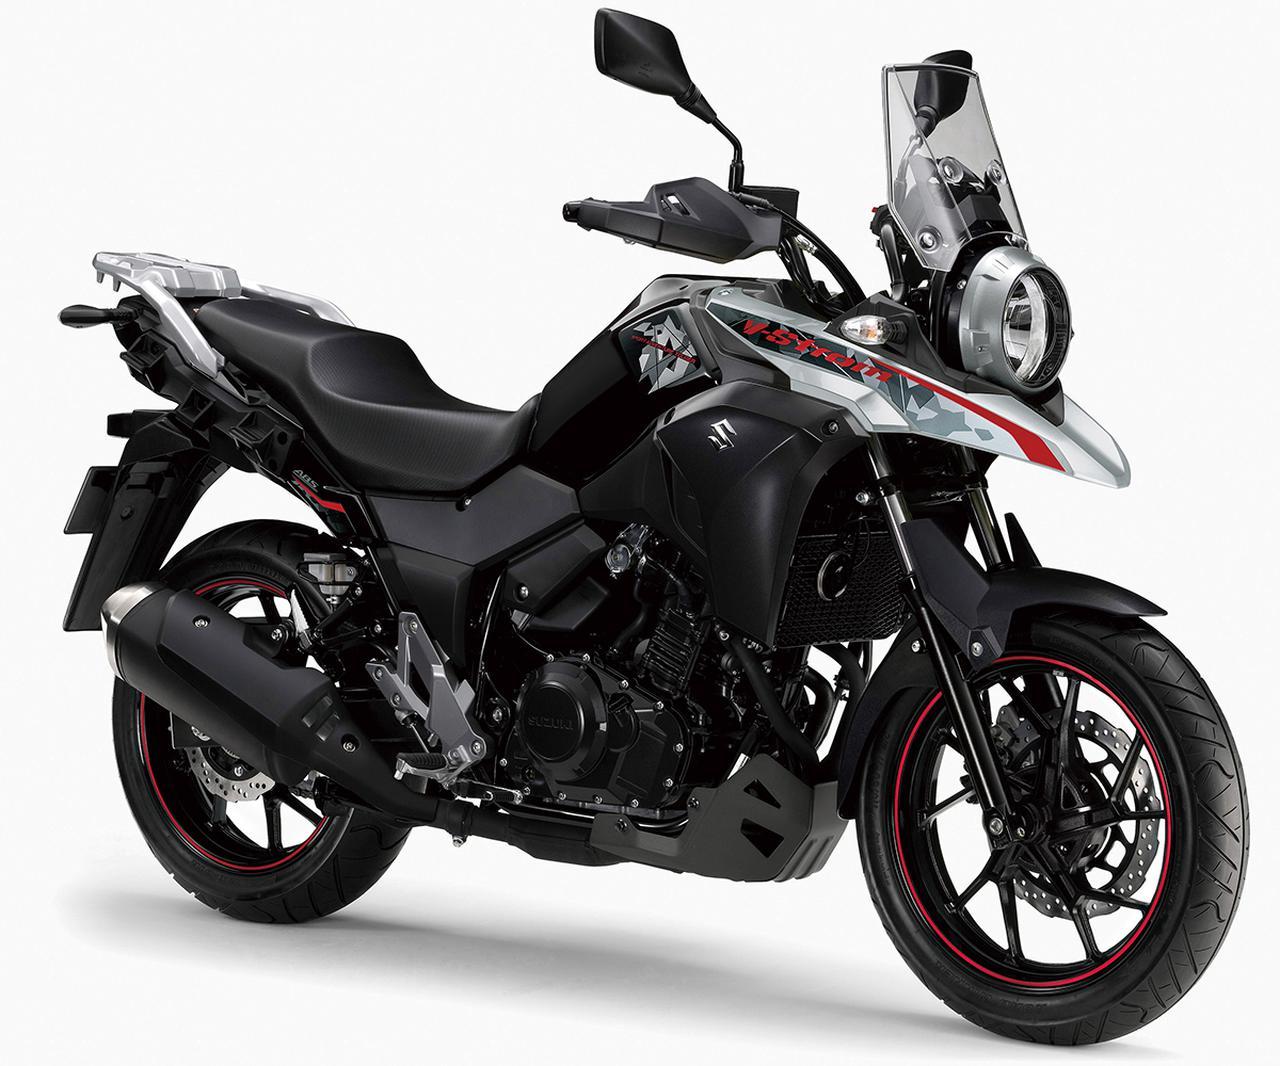 スズキ「Vストローム250 ABS」【1分で読める 2021年に新車で購入可能なバイク紹介】